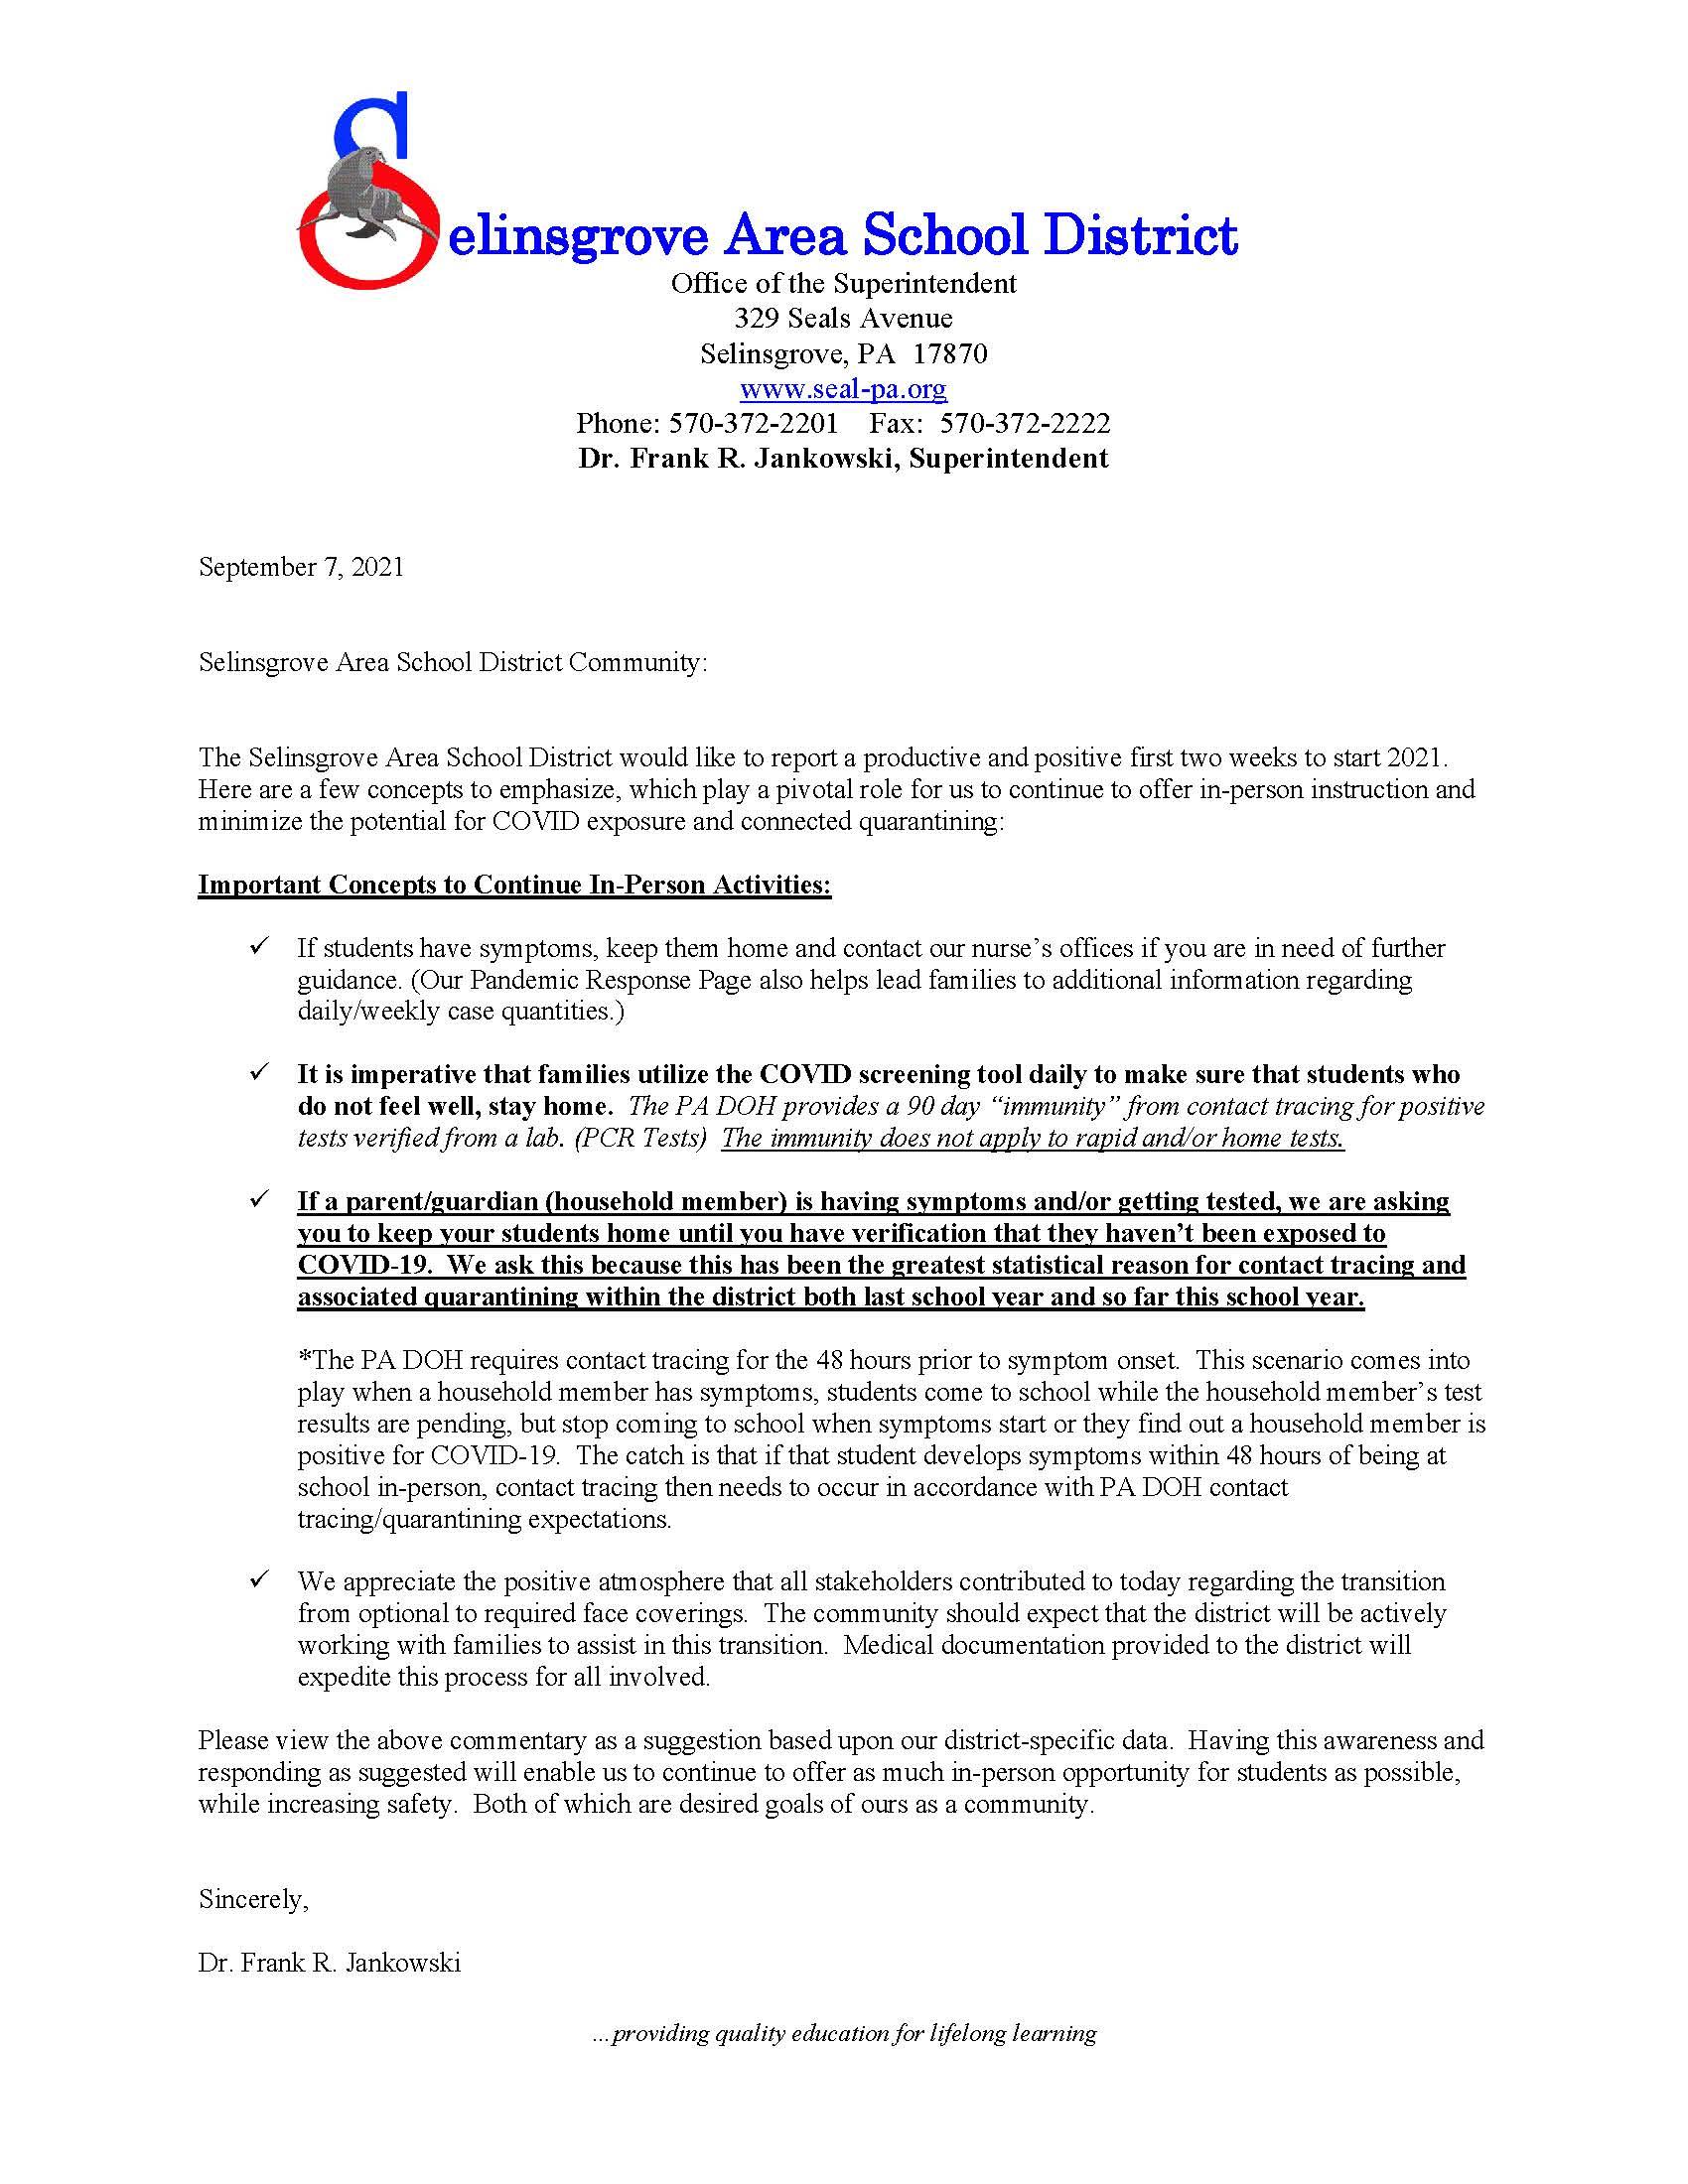 SASD Community Update – 9/7/2021